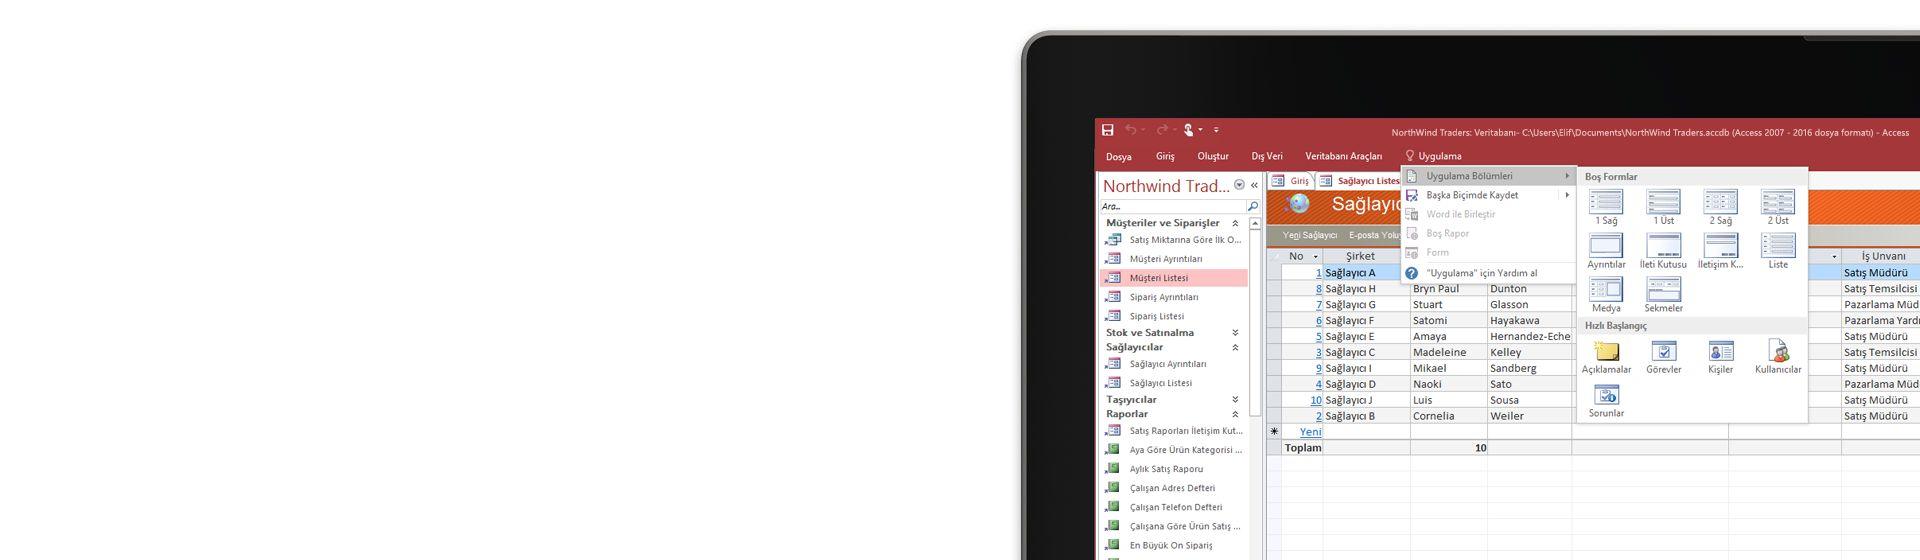 Microsoft Access'teki bir veritabanında tedarikçi listesini görüntüleyen bilgisayar ekranının köşesi.